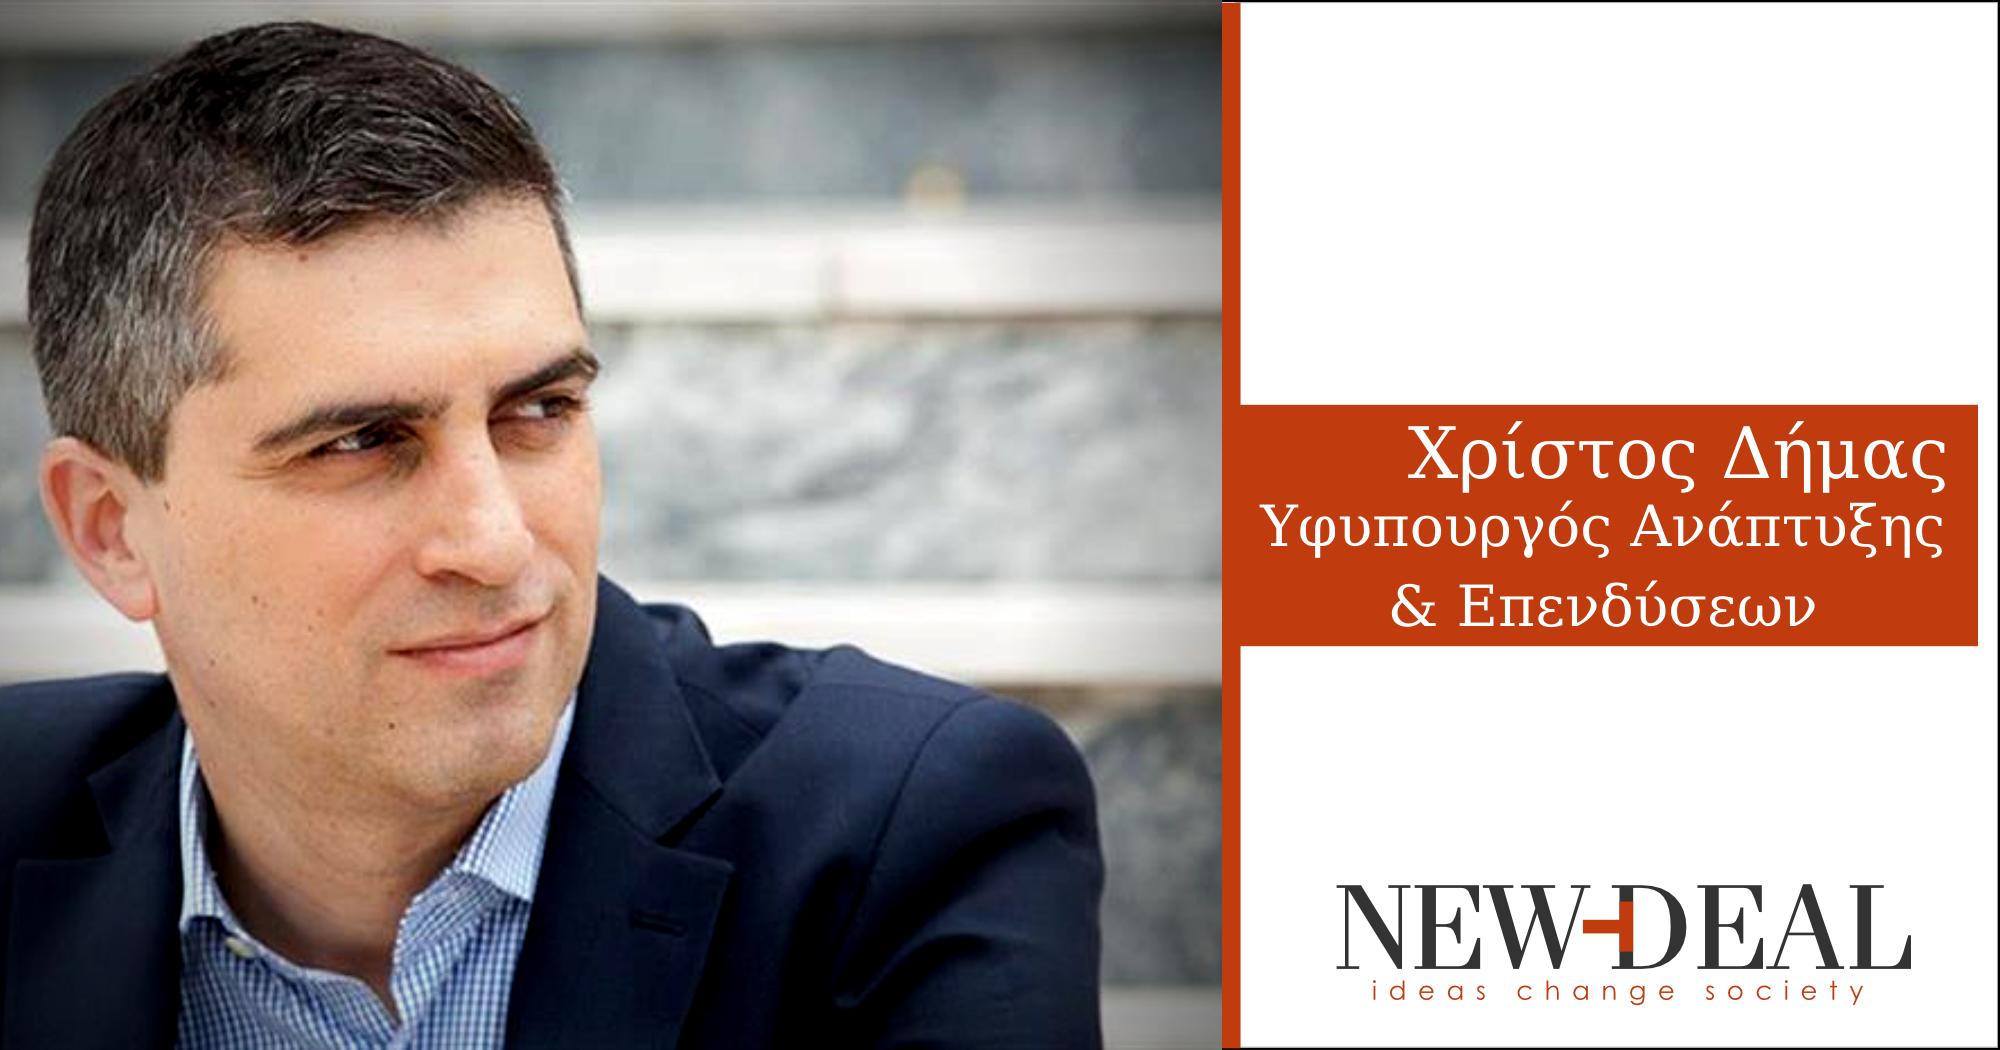 Ο Χρίστος Δήμας, περιγράφει τις νομοθετικές παρεμβάσεις της κυβέρνησης ώστε να ενισχύσει στην πράξη, την Έρευνα και την Καινοτομία. Για πρώτη φορά, η Πολιτεία δίνει φορολογικά κίνητρα με το Εθνικό Μητρώο Νεοφυών Επιχειρήσεων. Κίνητρα και στους ερευνητές να παραμείνουν στην Ελλάδα, με υψηλές αμοιβές. new deal